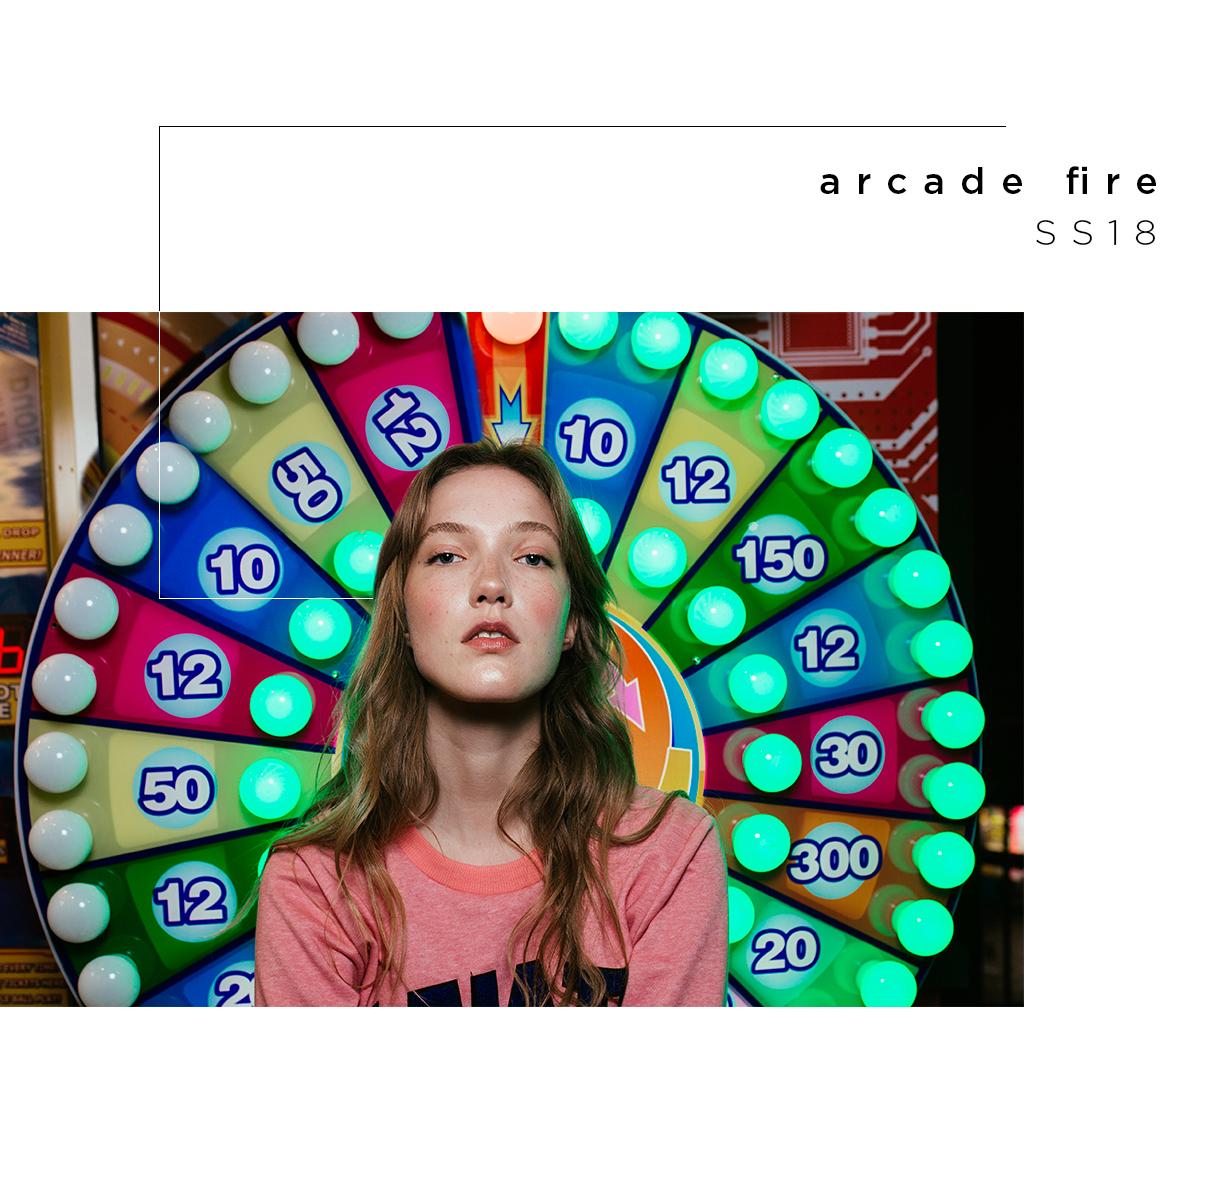 Arcade Fire - Compañia Fantástica